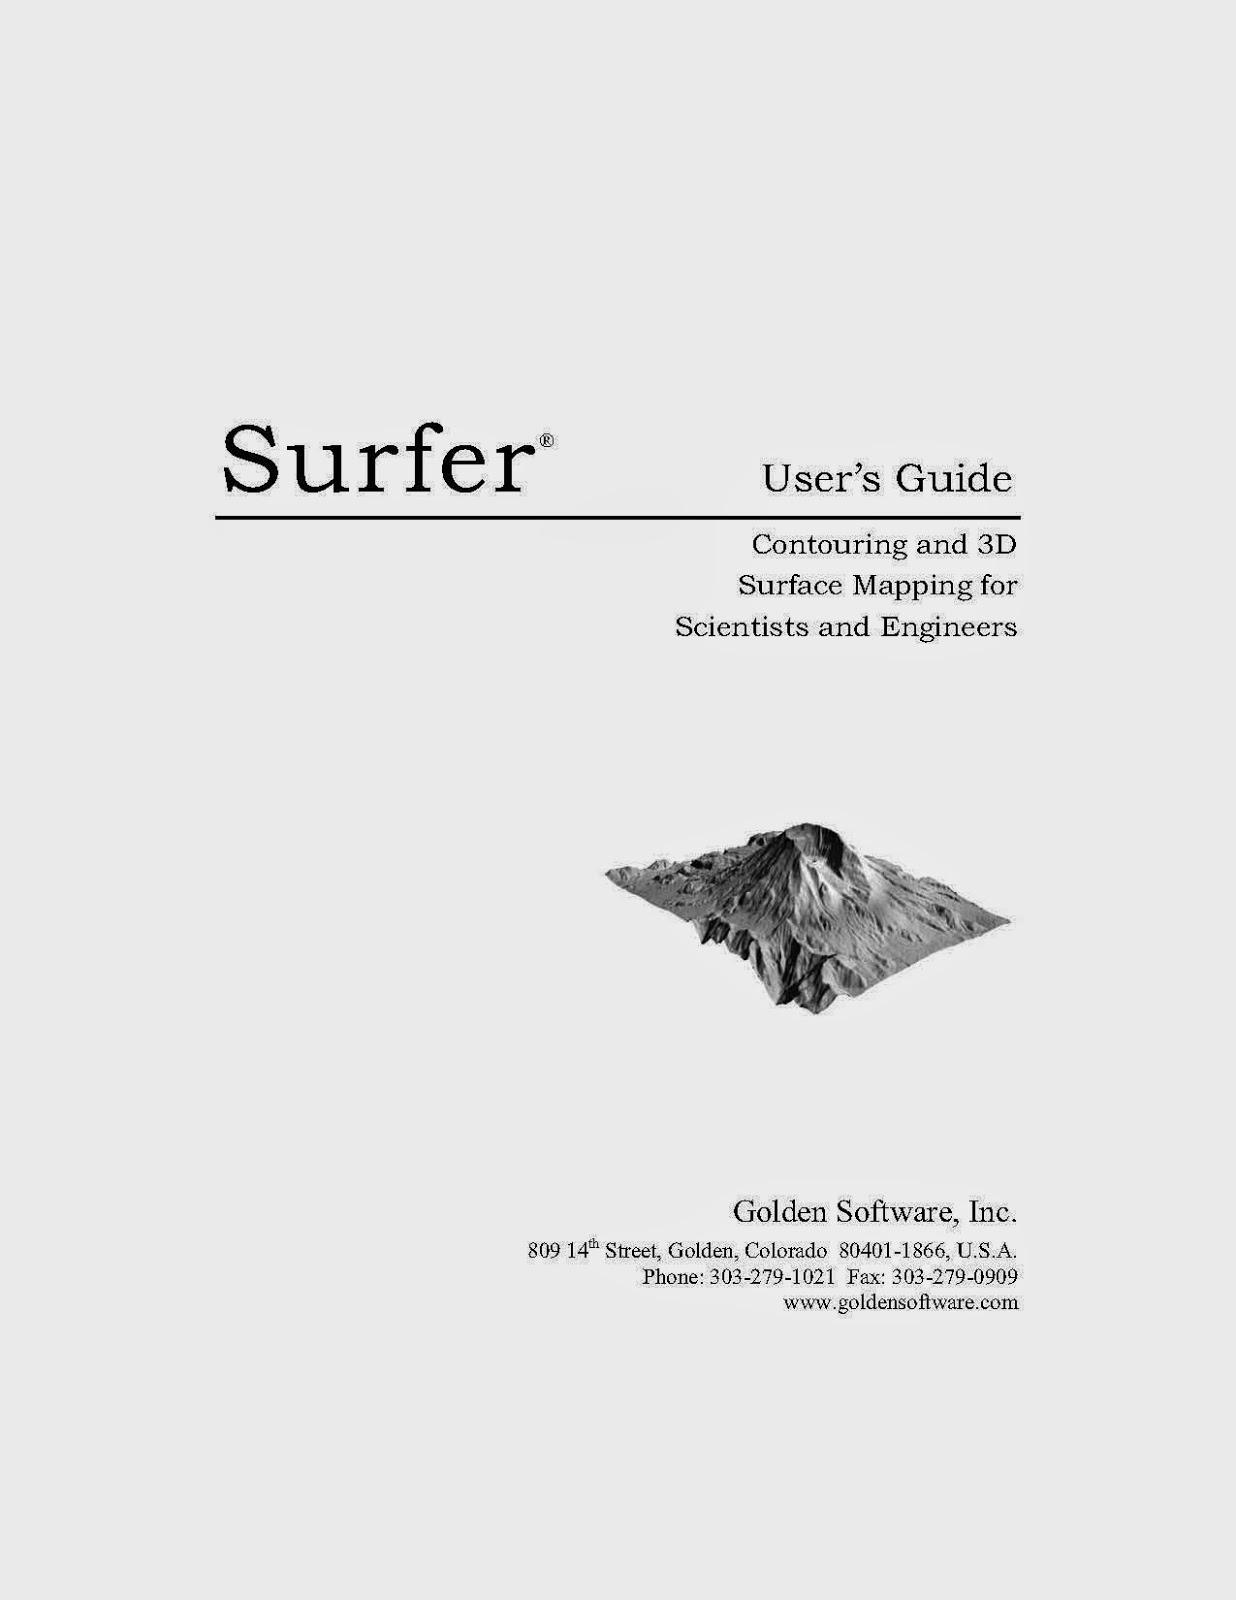 ဒဂုံဘူမိ: Surfer User's Guide